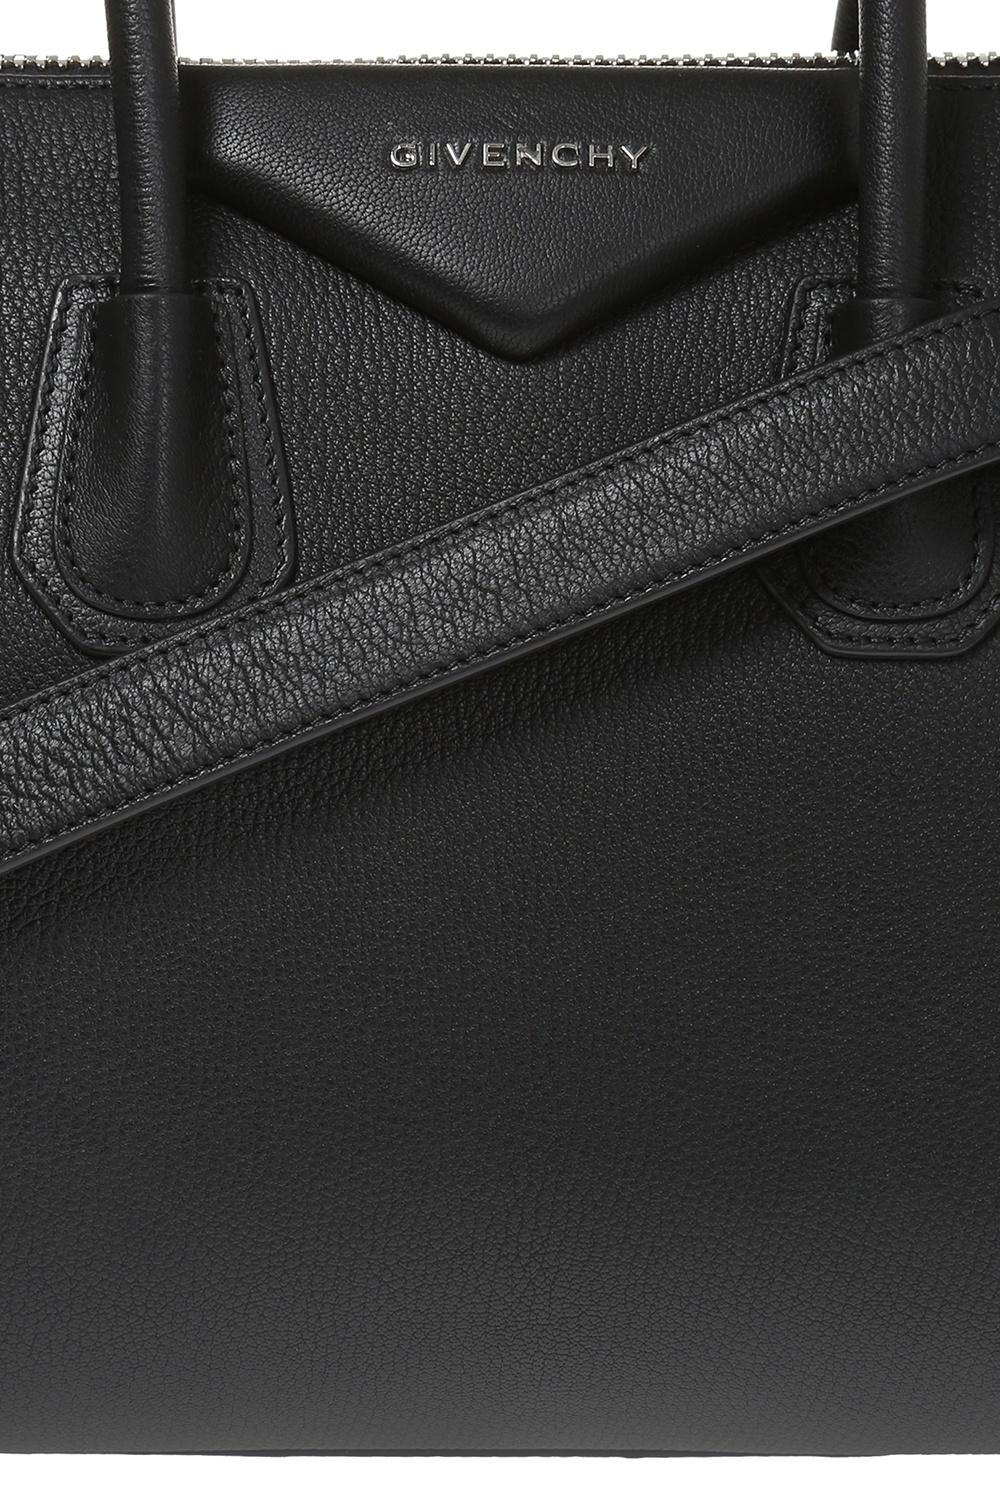 Givenchy Torba na ramię 'Antigona'